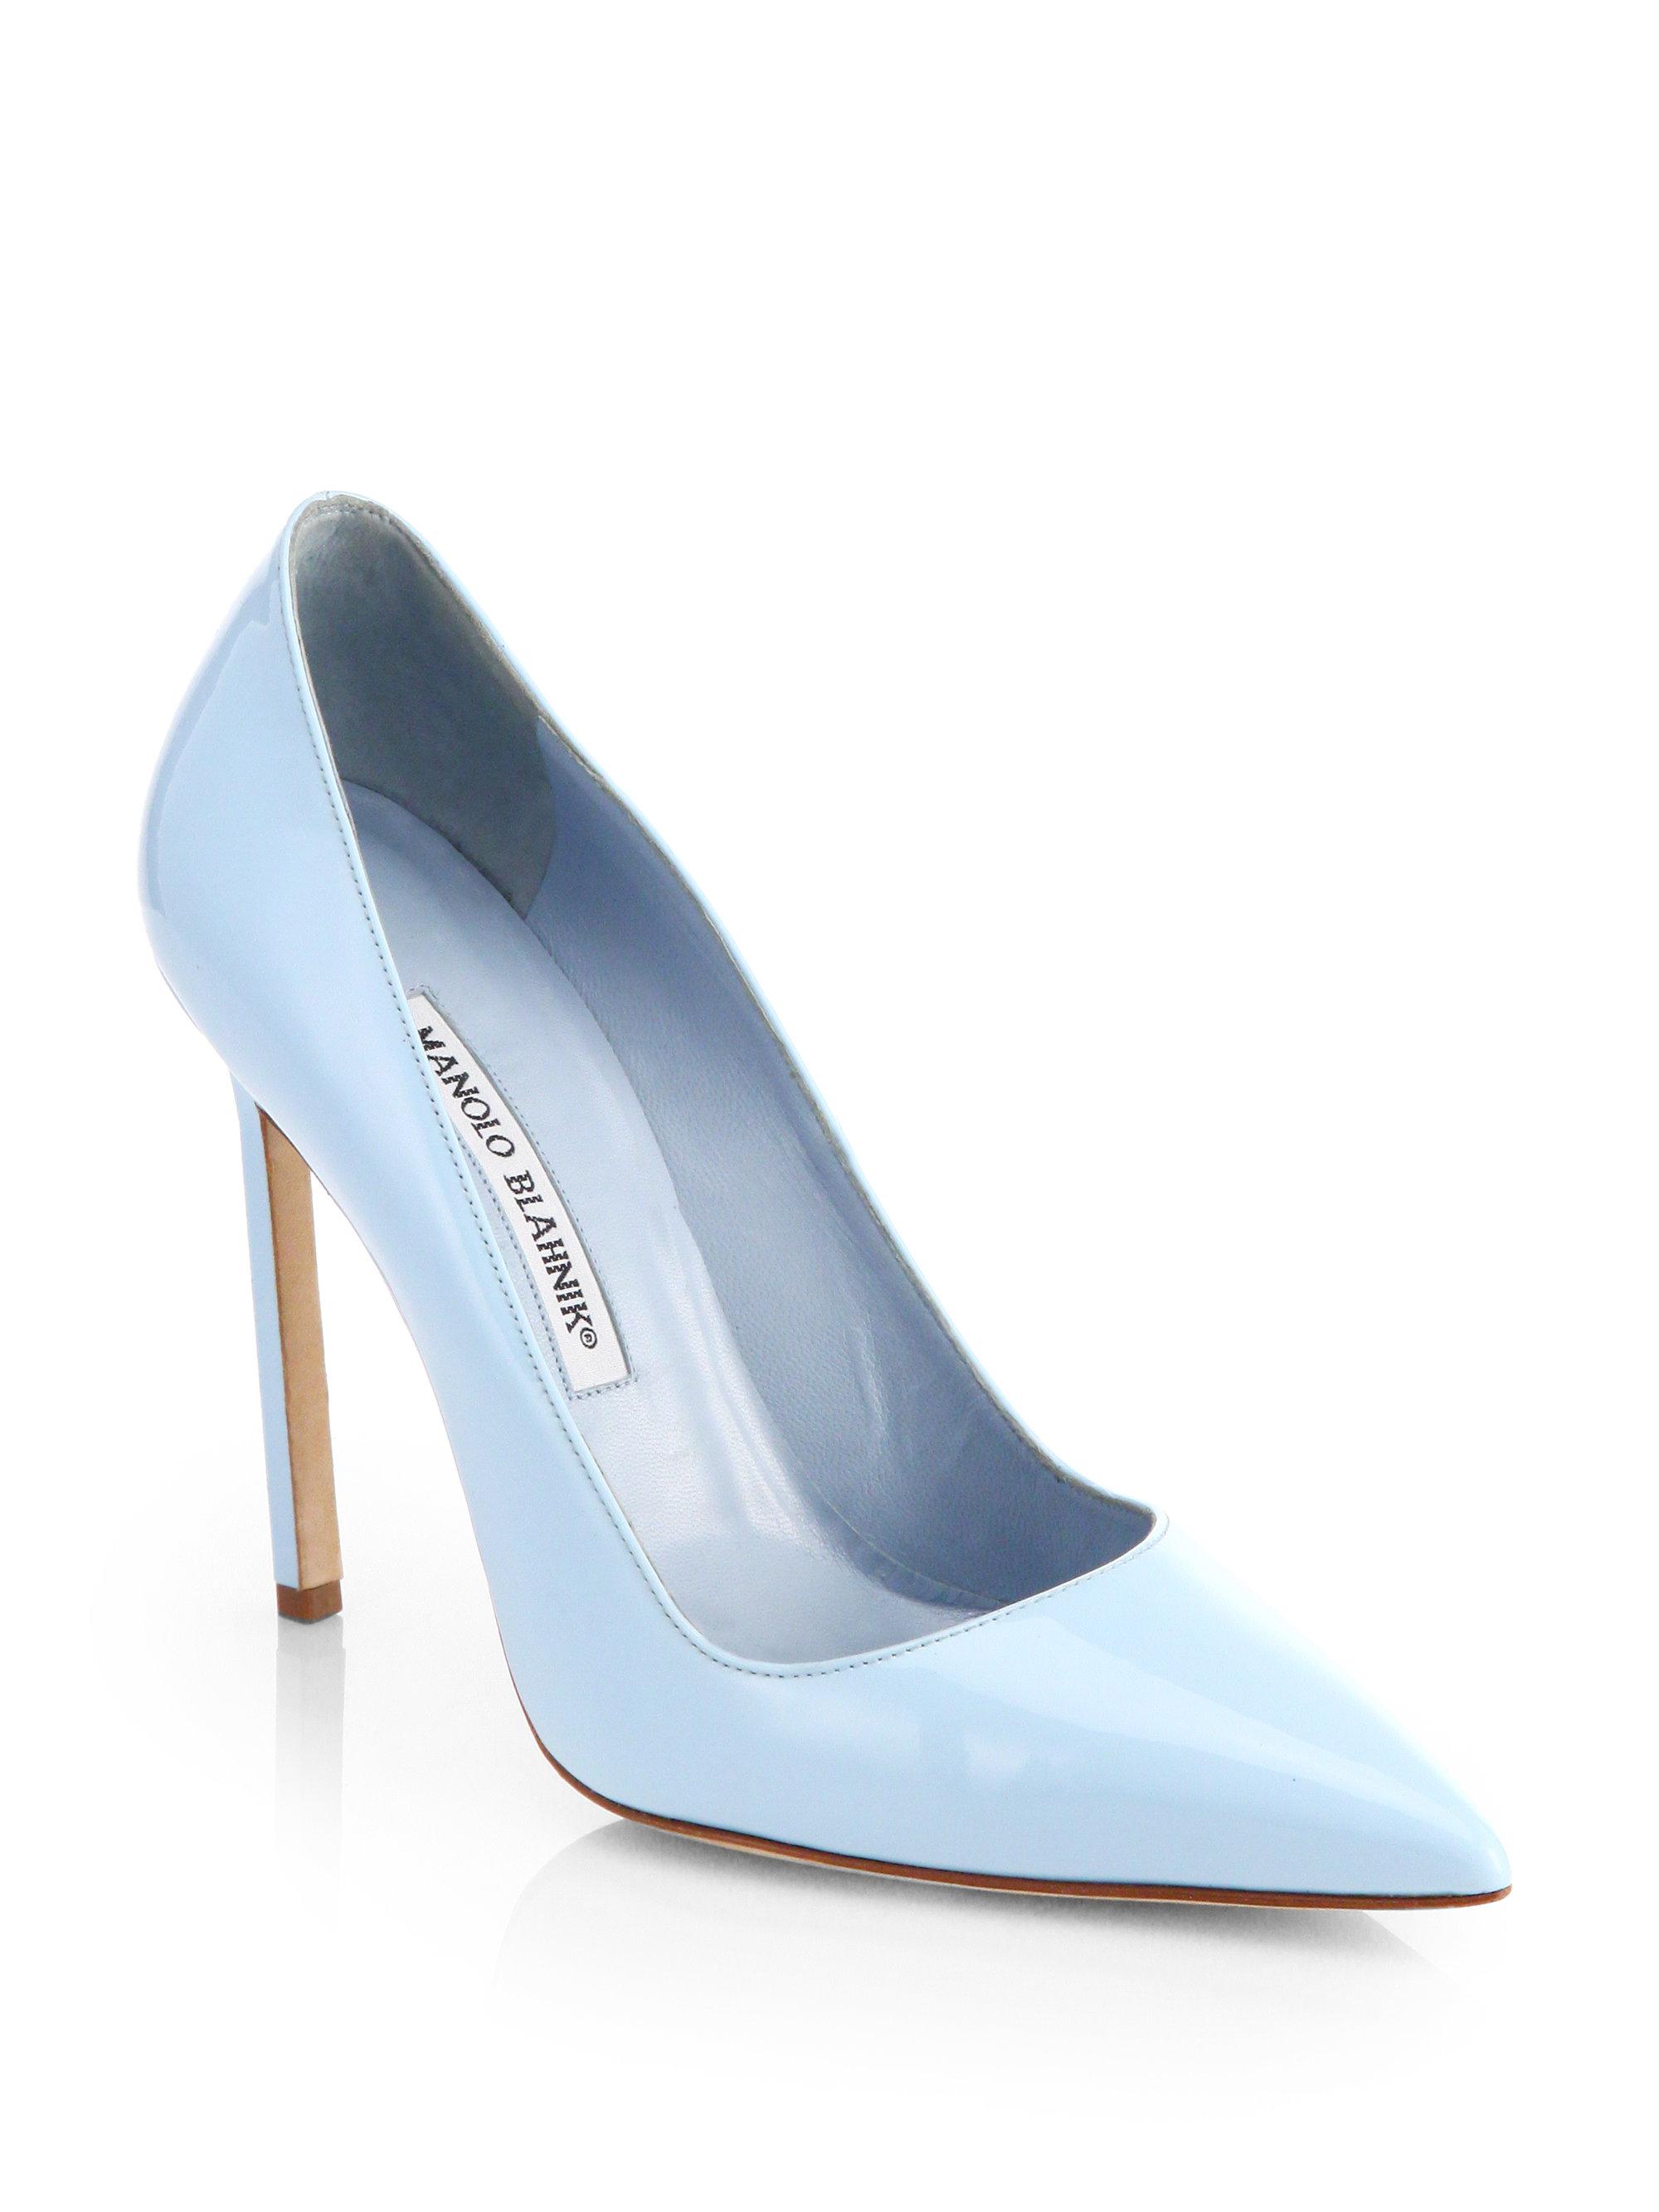 Graduation Shoes Women